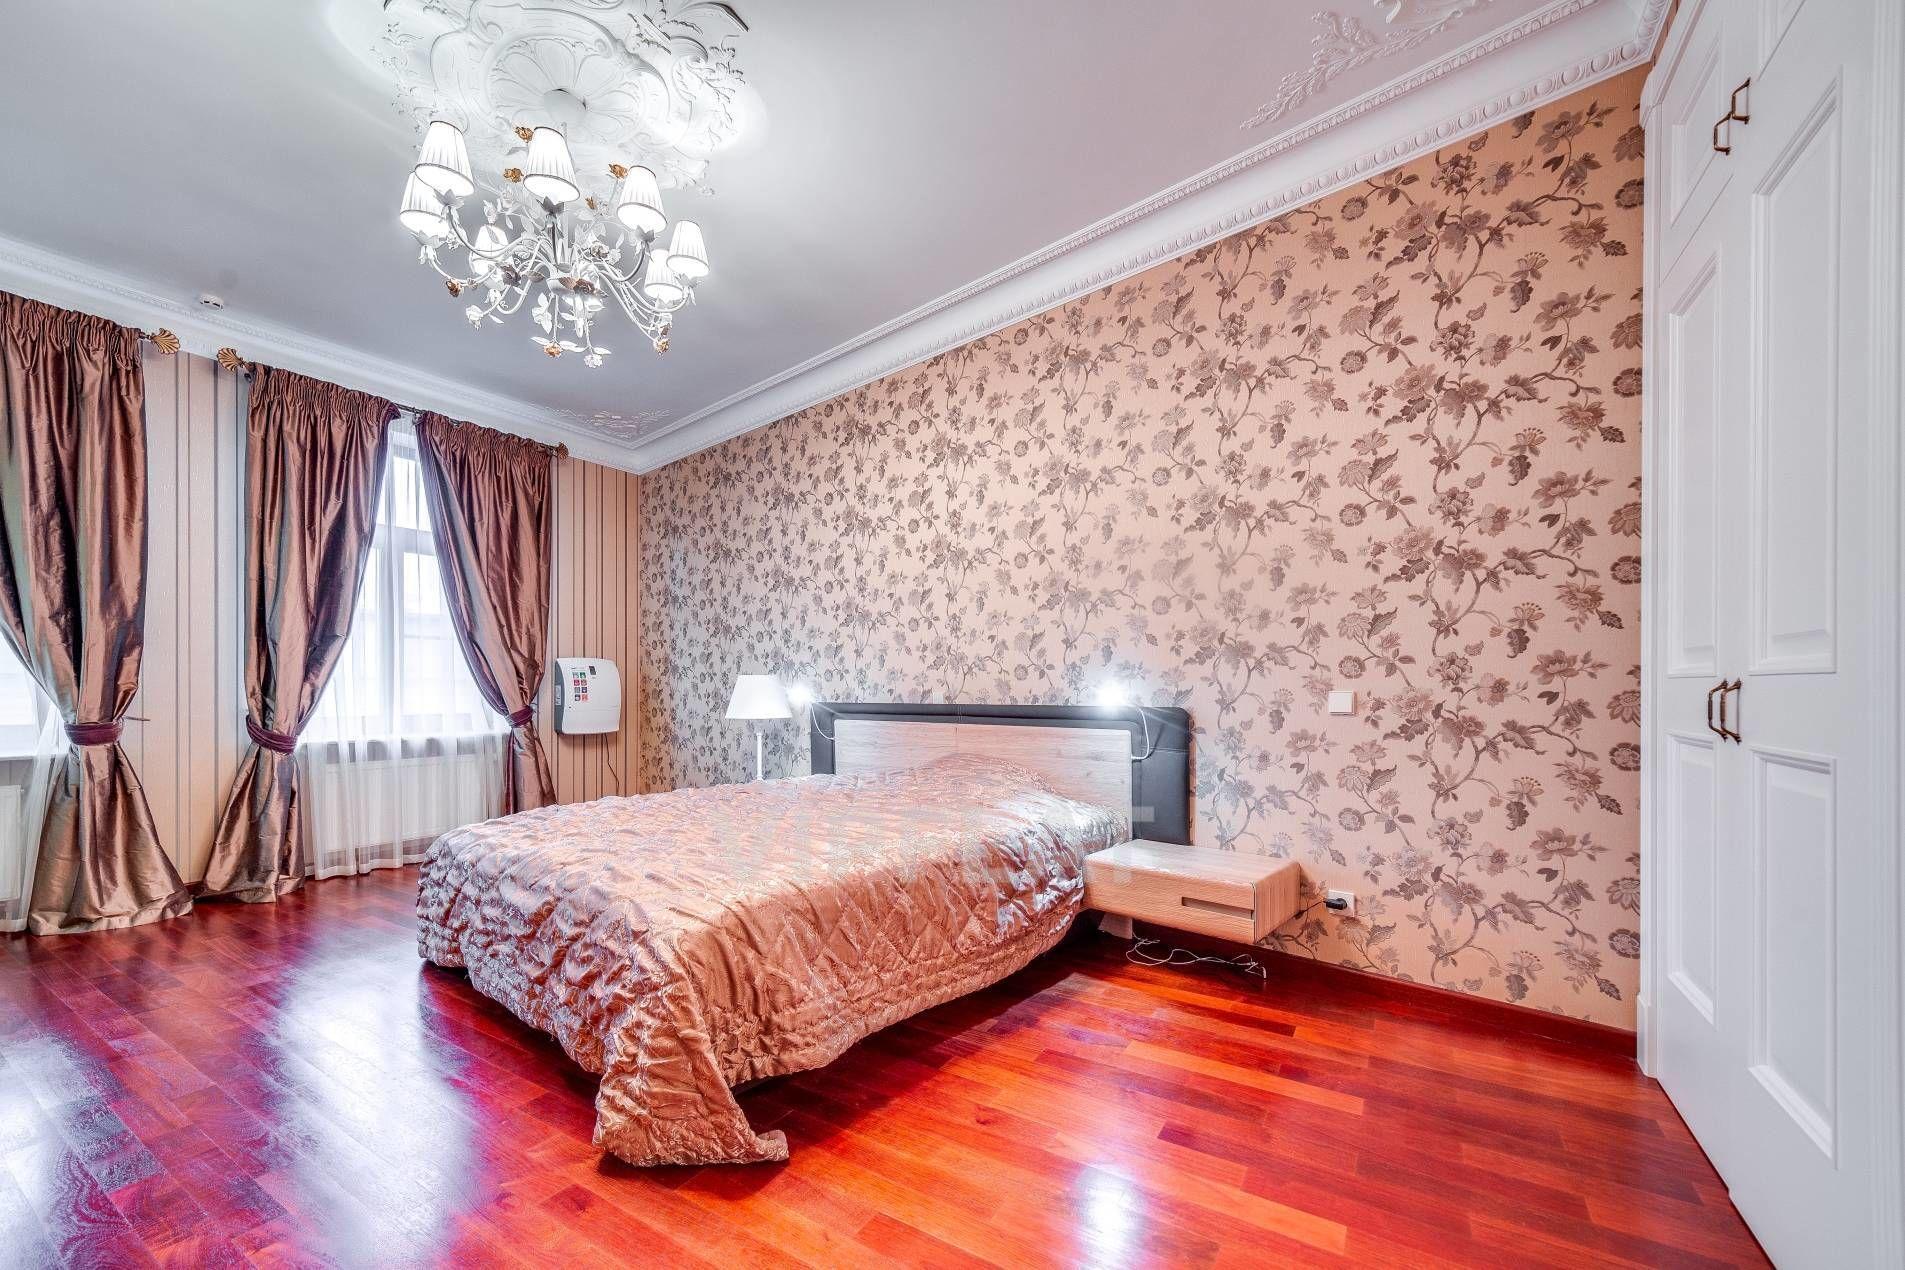 Продажа элитных квартир Санкт-Петербурга. 9-я Советская ул., 5 Хозяйская спальня